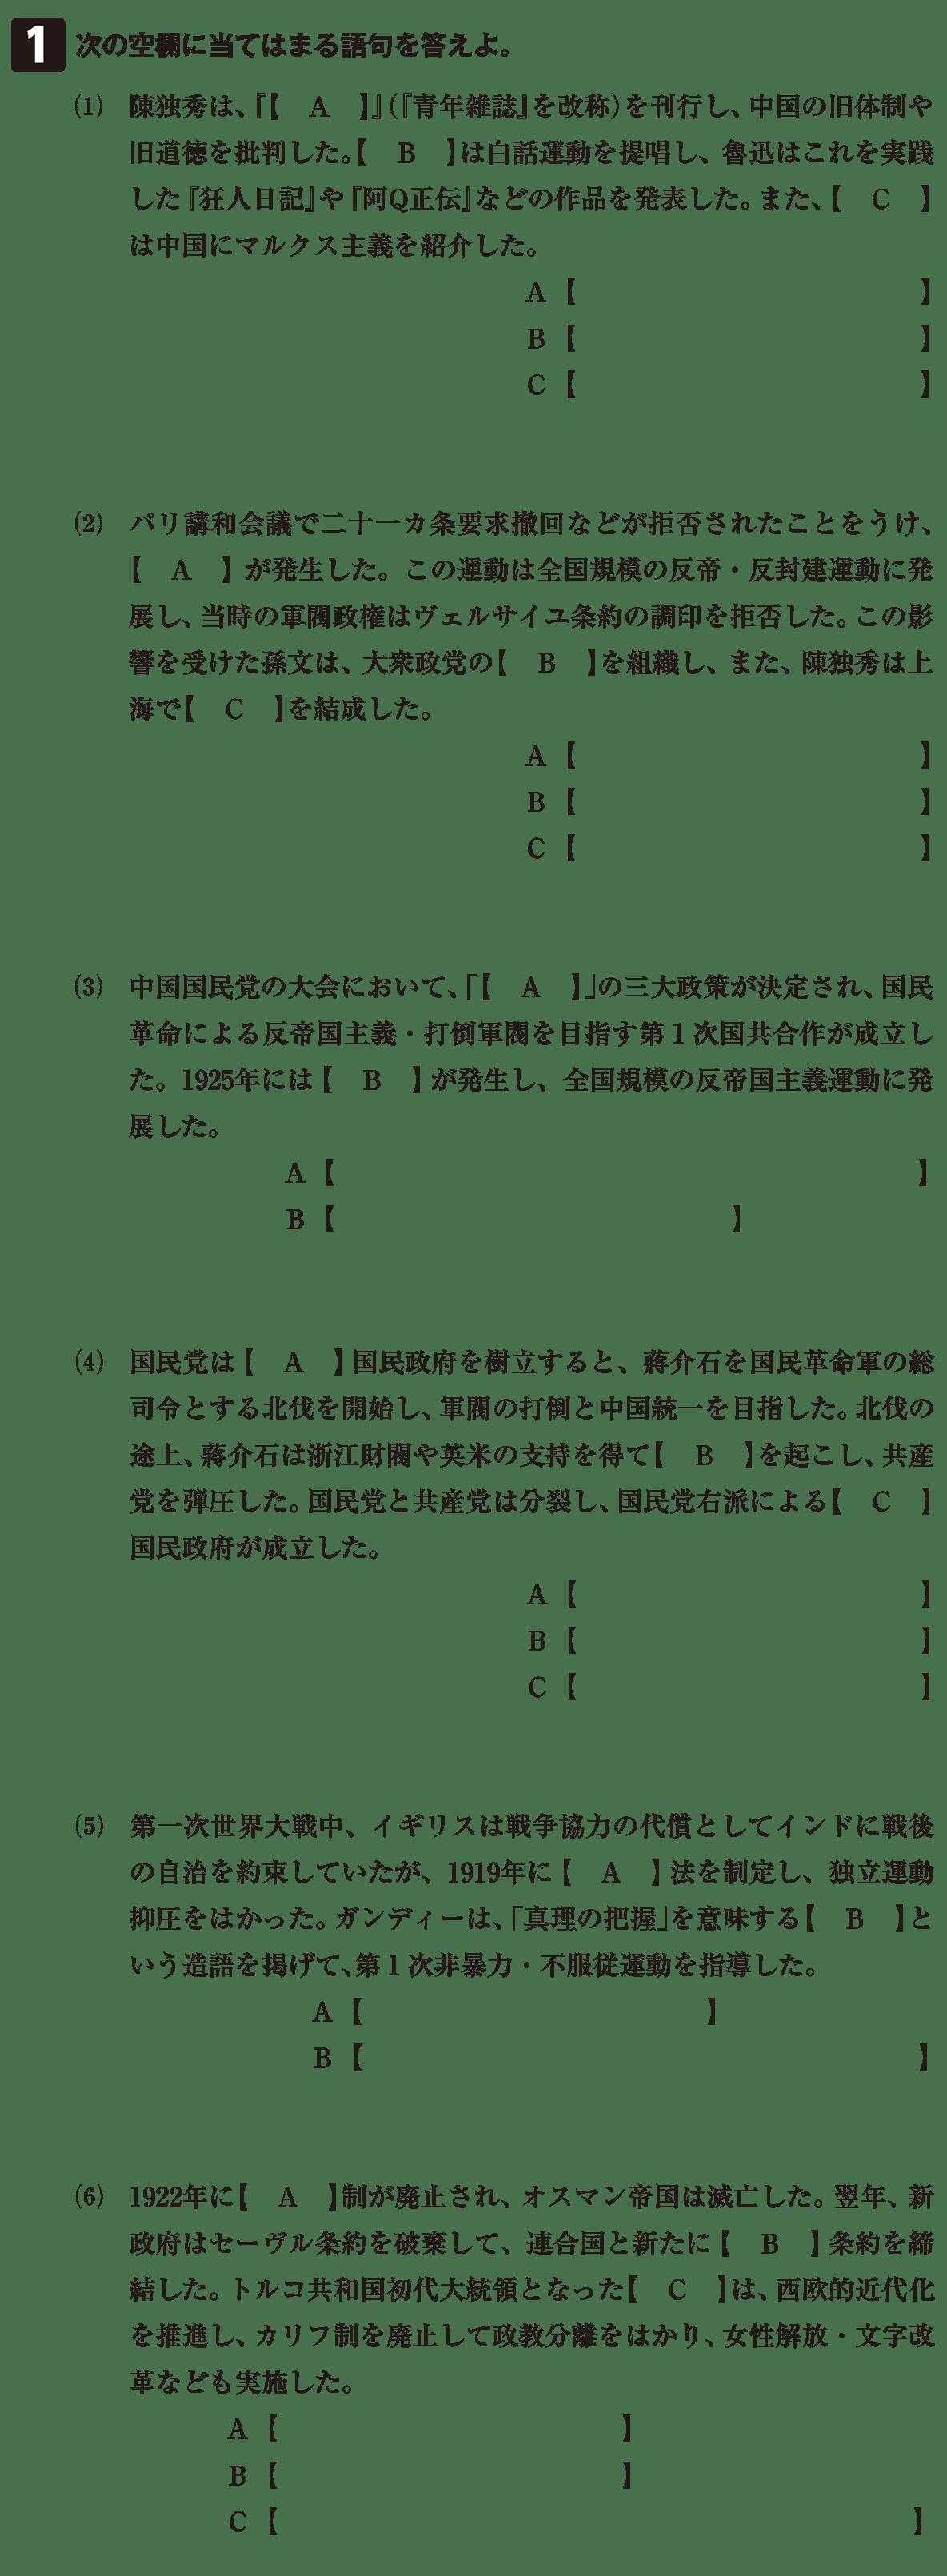 戦間期のアジア諸地域7 確認テスト(前半)